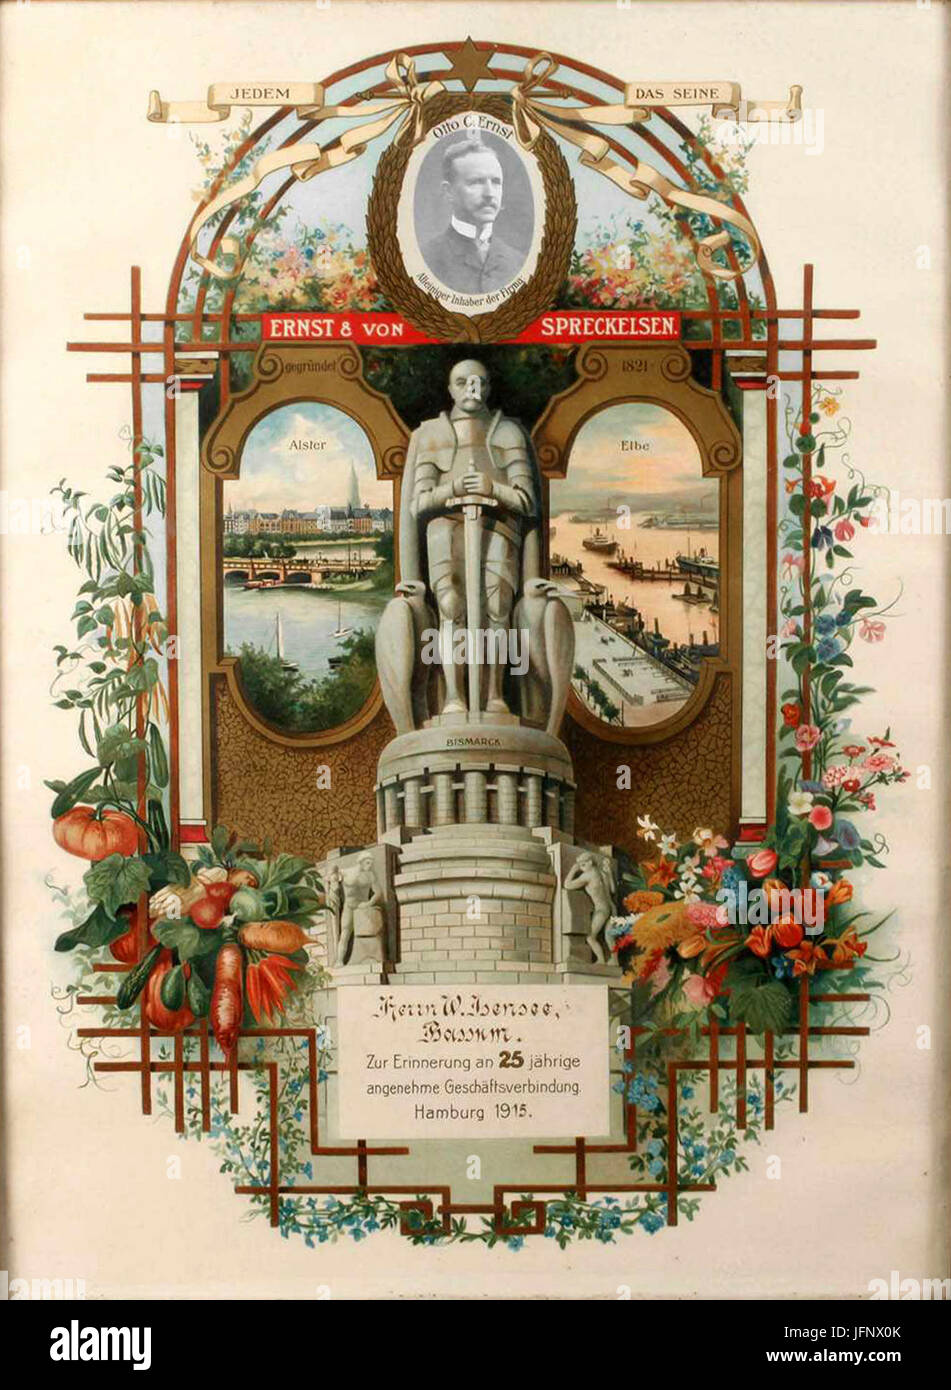 1915 Ernst & von Spreckelsen Urkunde 25-jährige Geschäftsverbindung mit W. Ibensee in Bassum, Chromolithografie - Stock Image